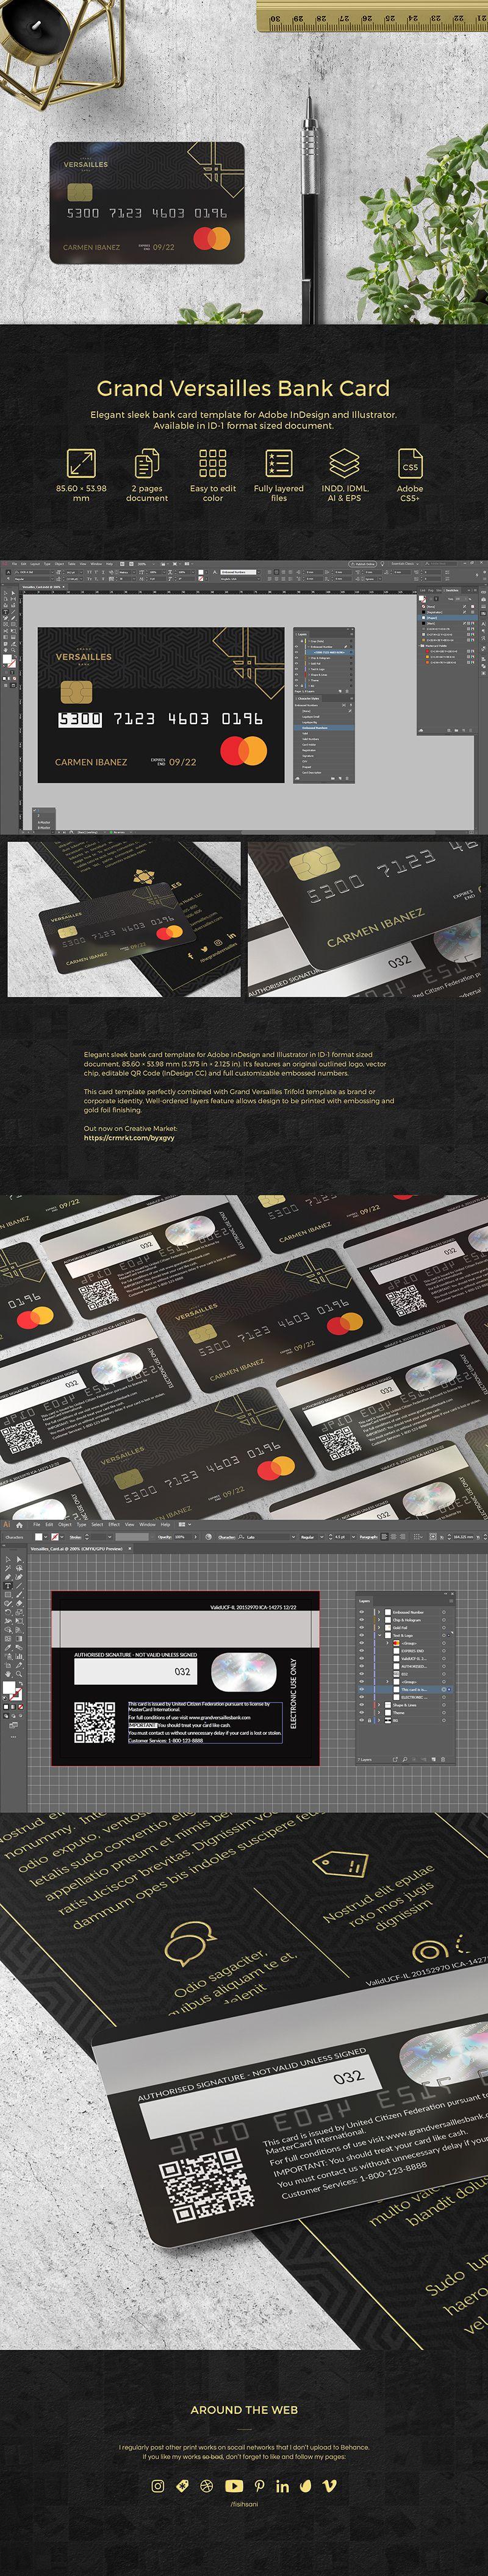 Grand Versailles Bank Card Fotografi Desain